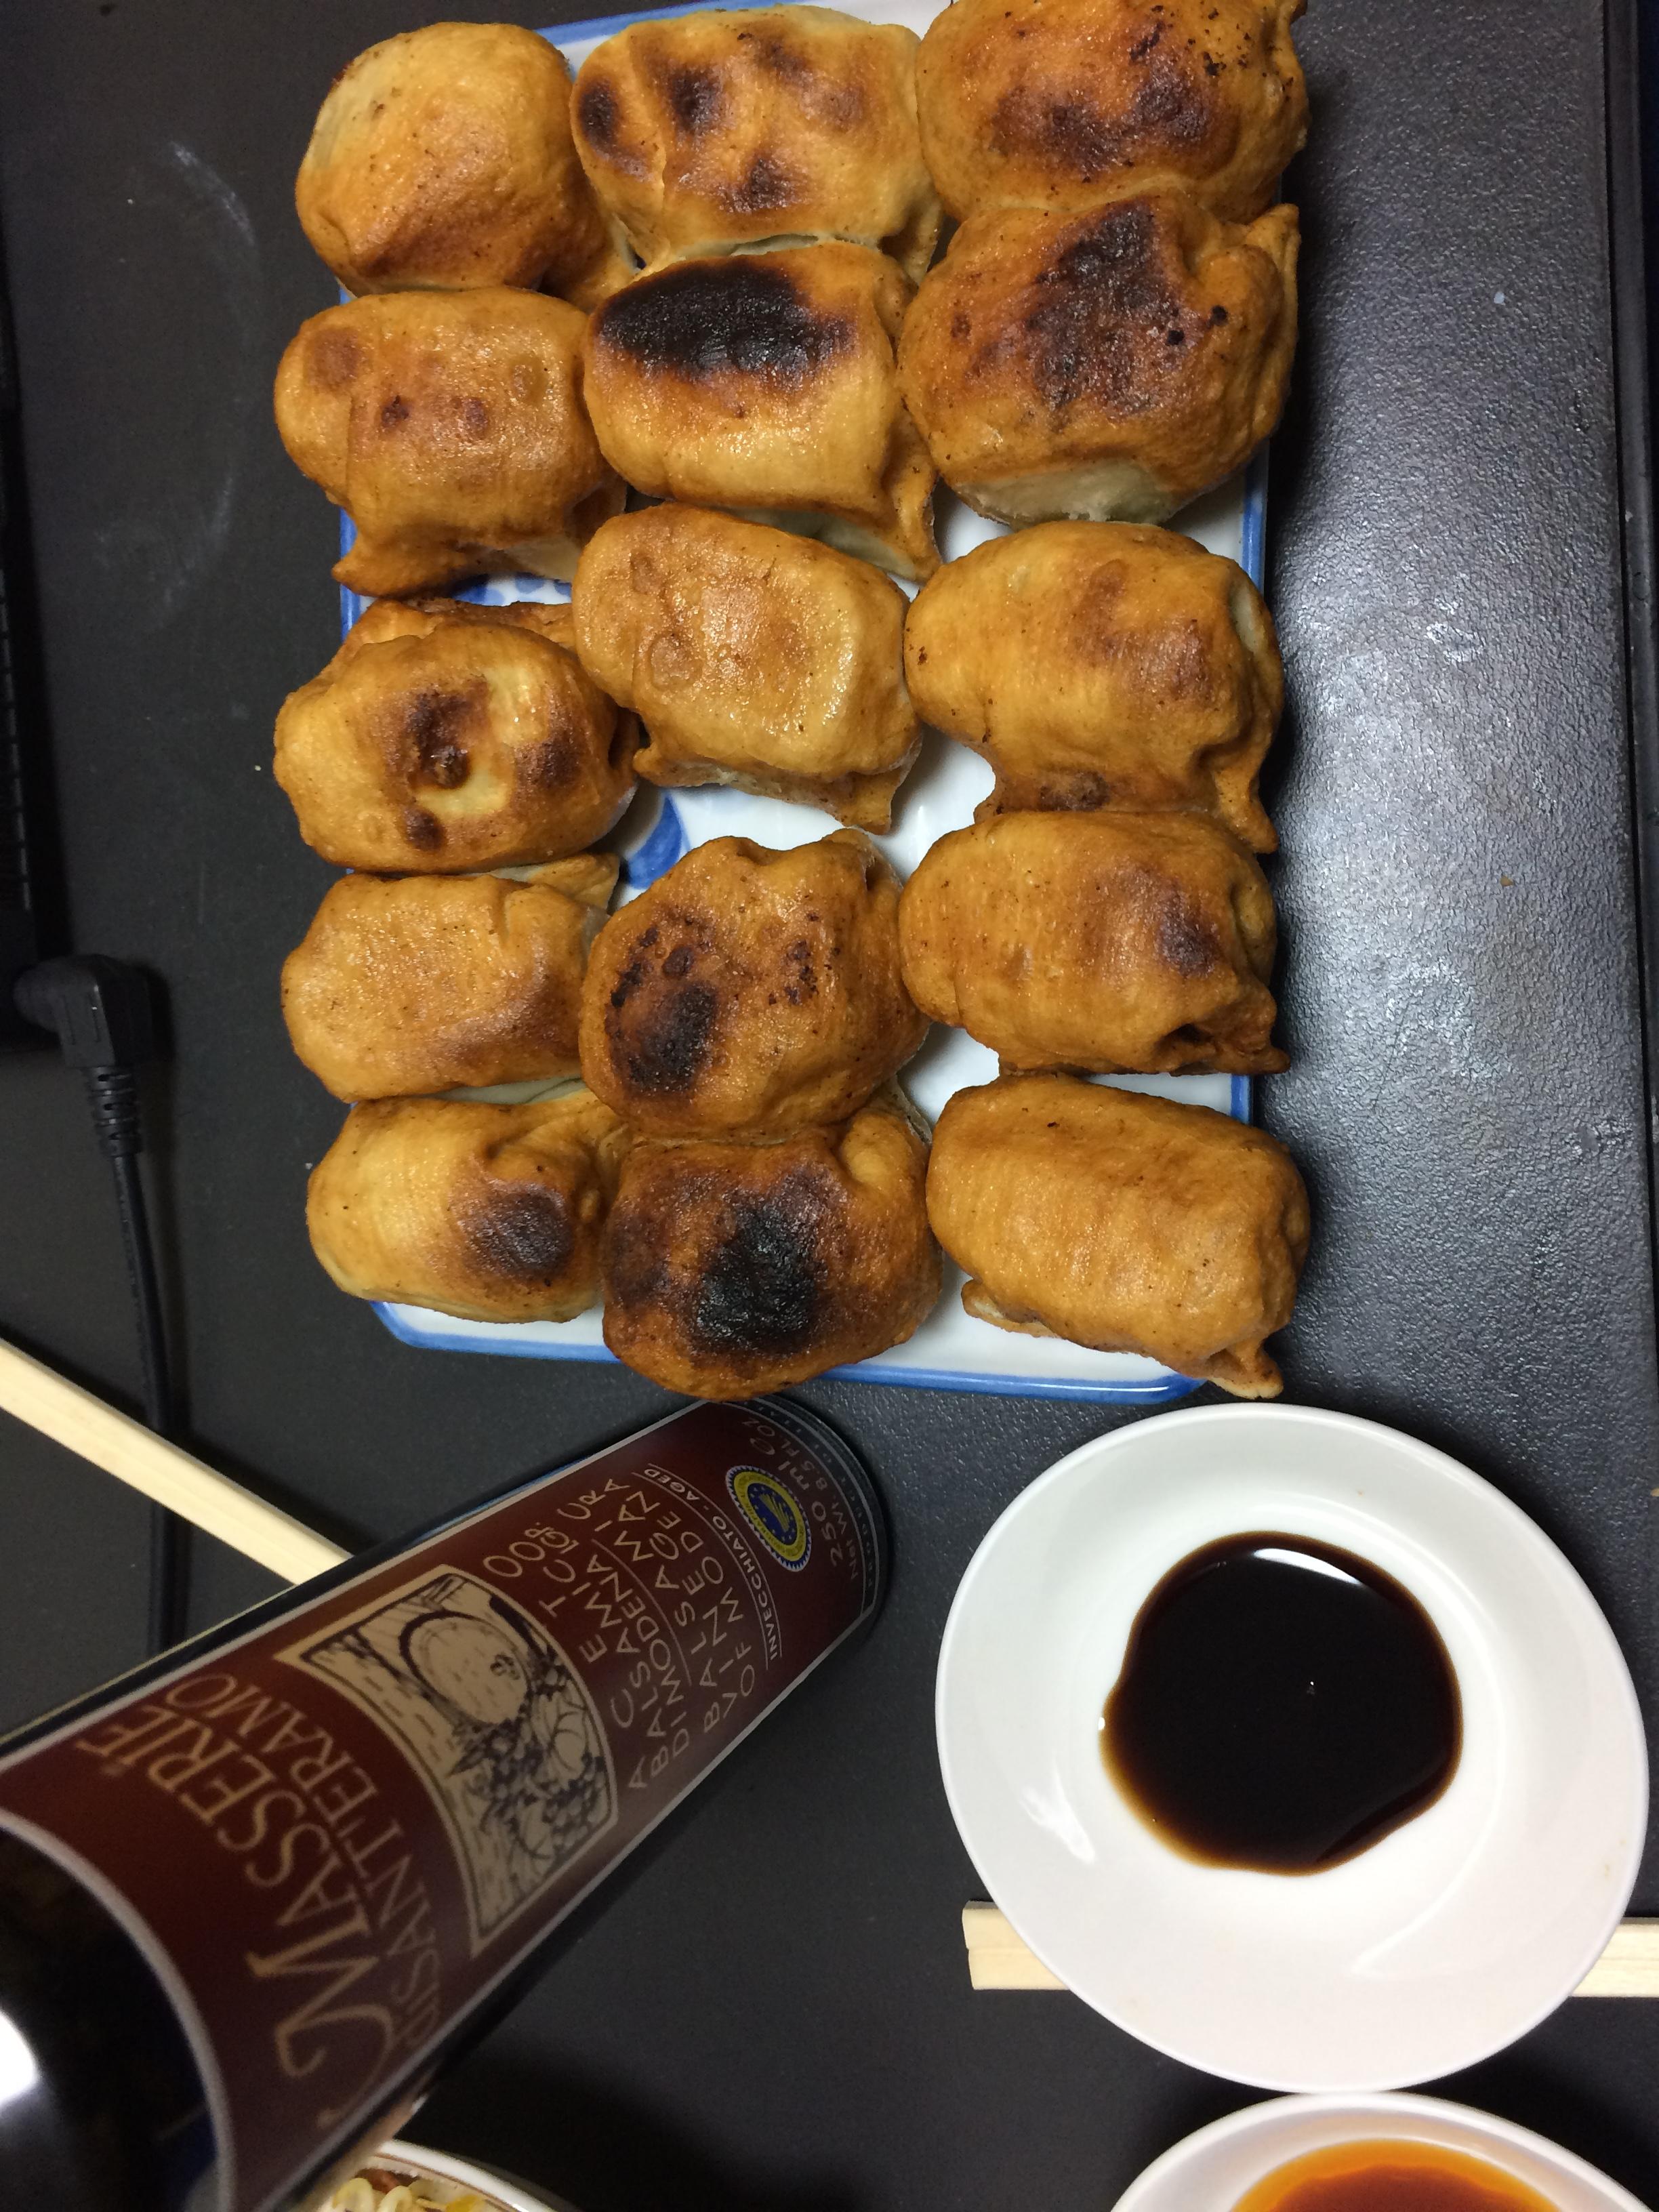 第7ギョーザ(ホワイト餃子)を持ち帰りしてバルサミコ酢で食べたらイタリアン風でウマウマだった!!